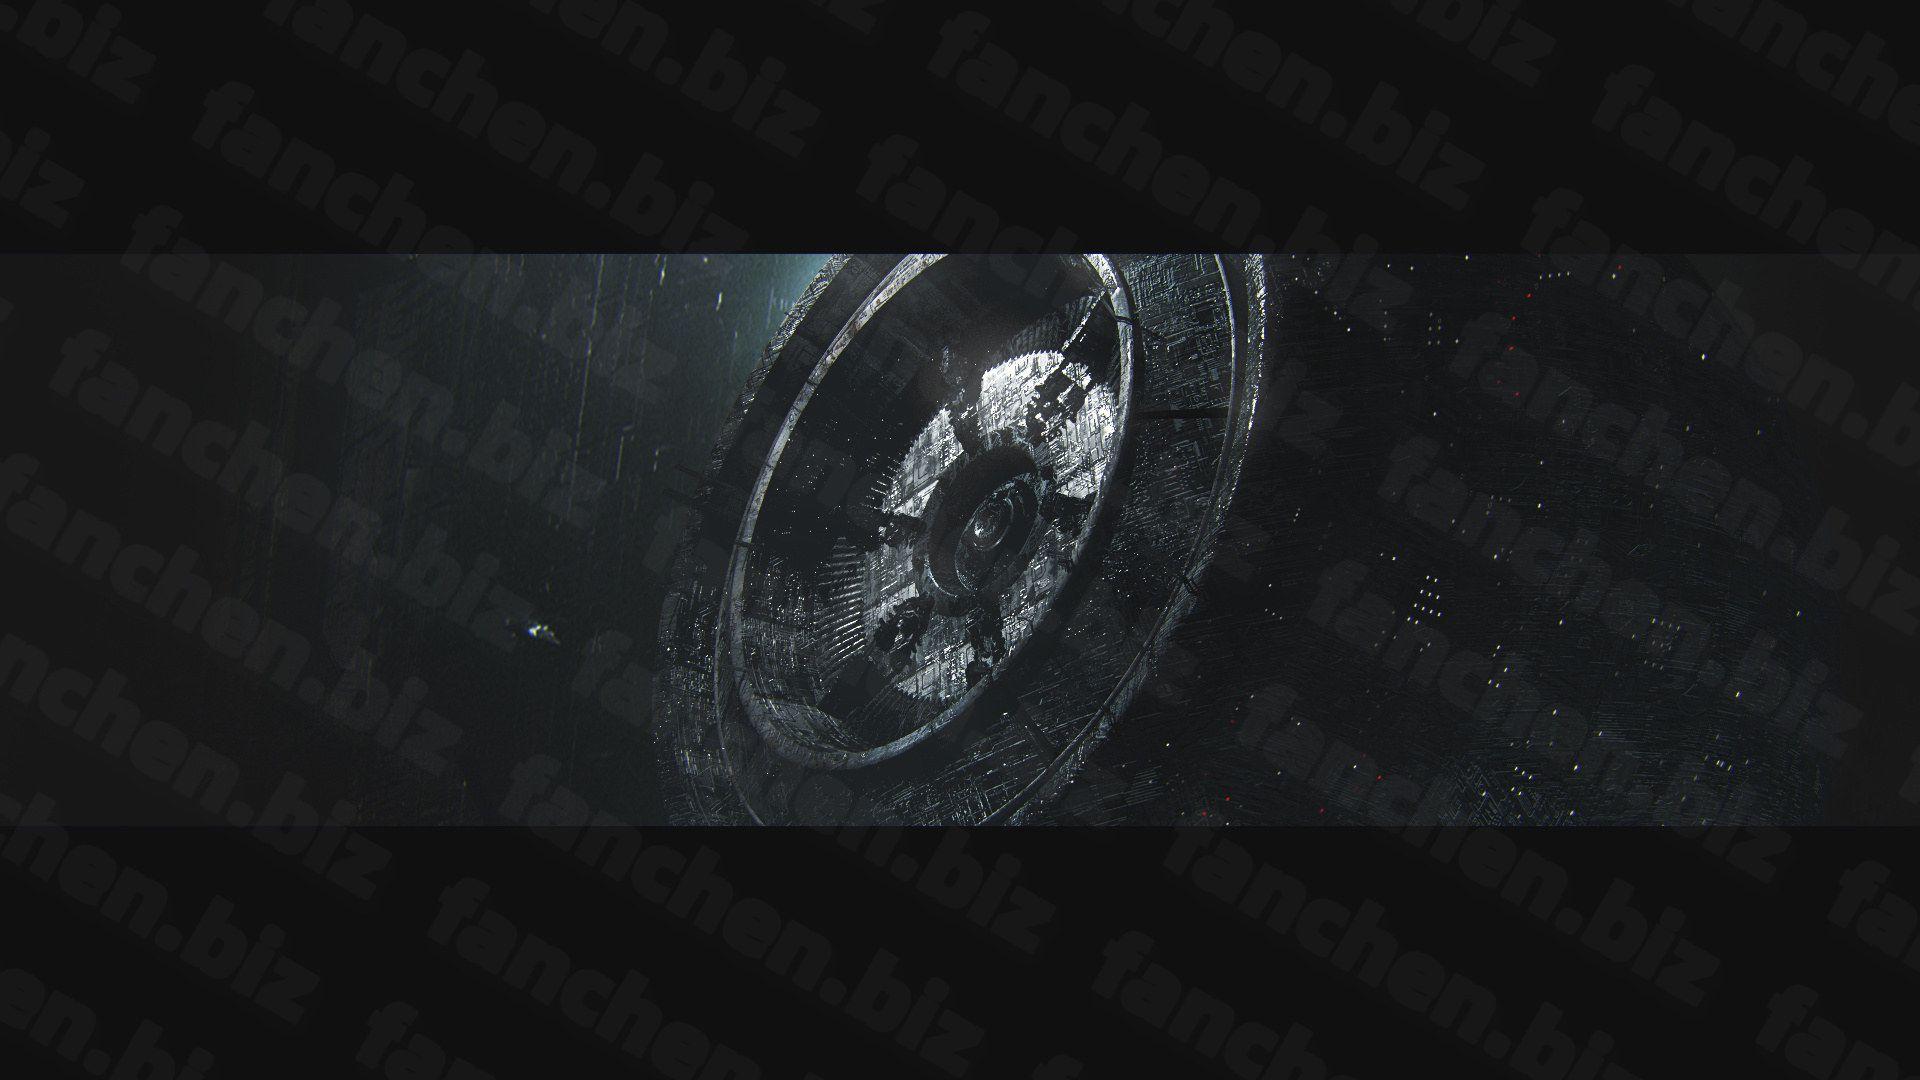 国人概念设计师MVEIGHT 科幻CG作品-FANCHENBIZ